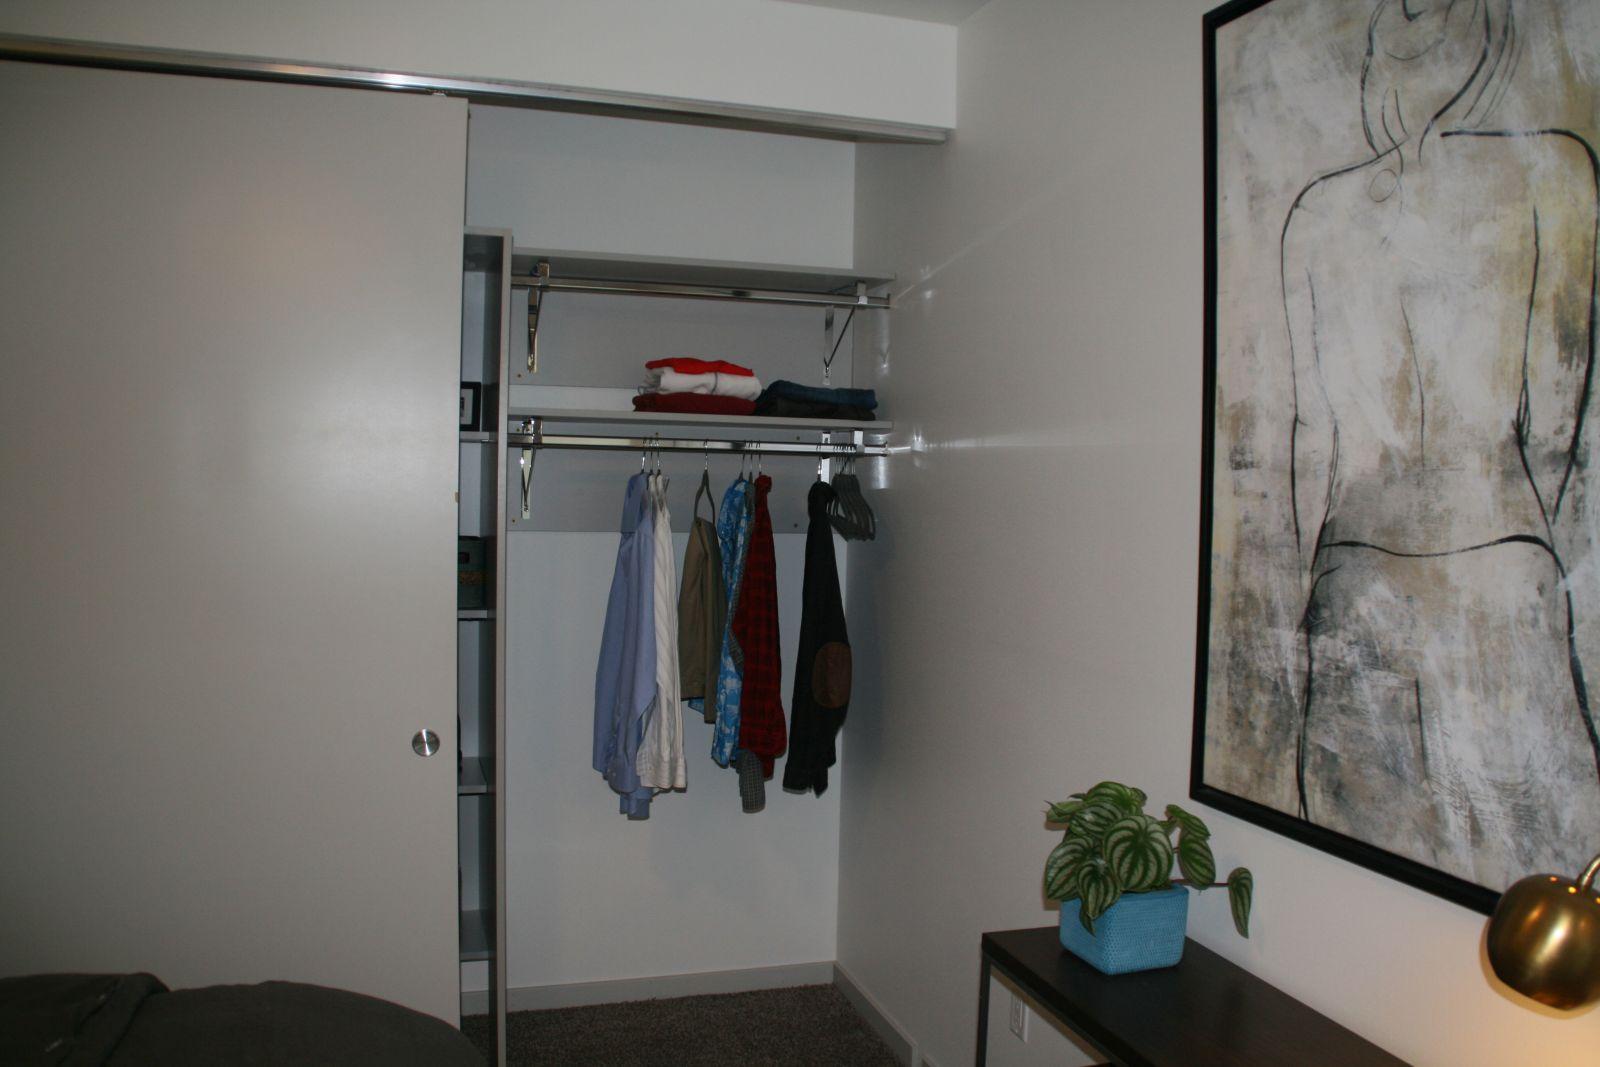 Full-Sized Hangers